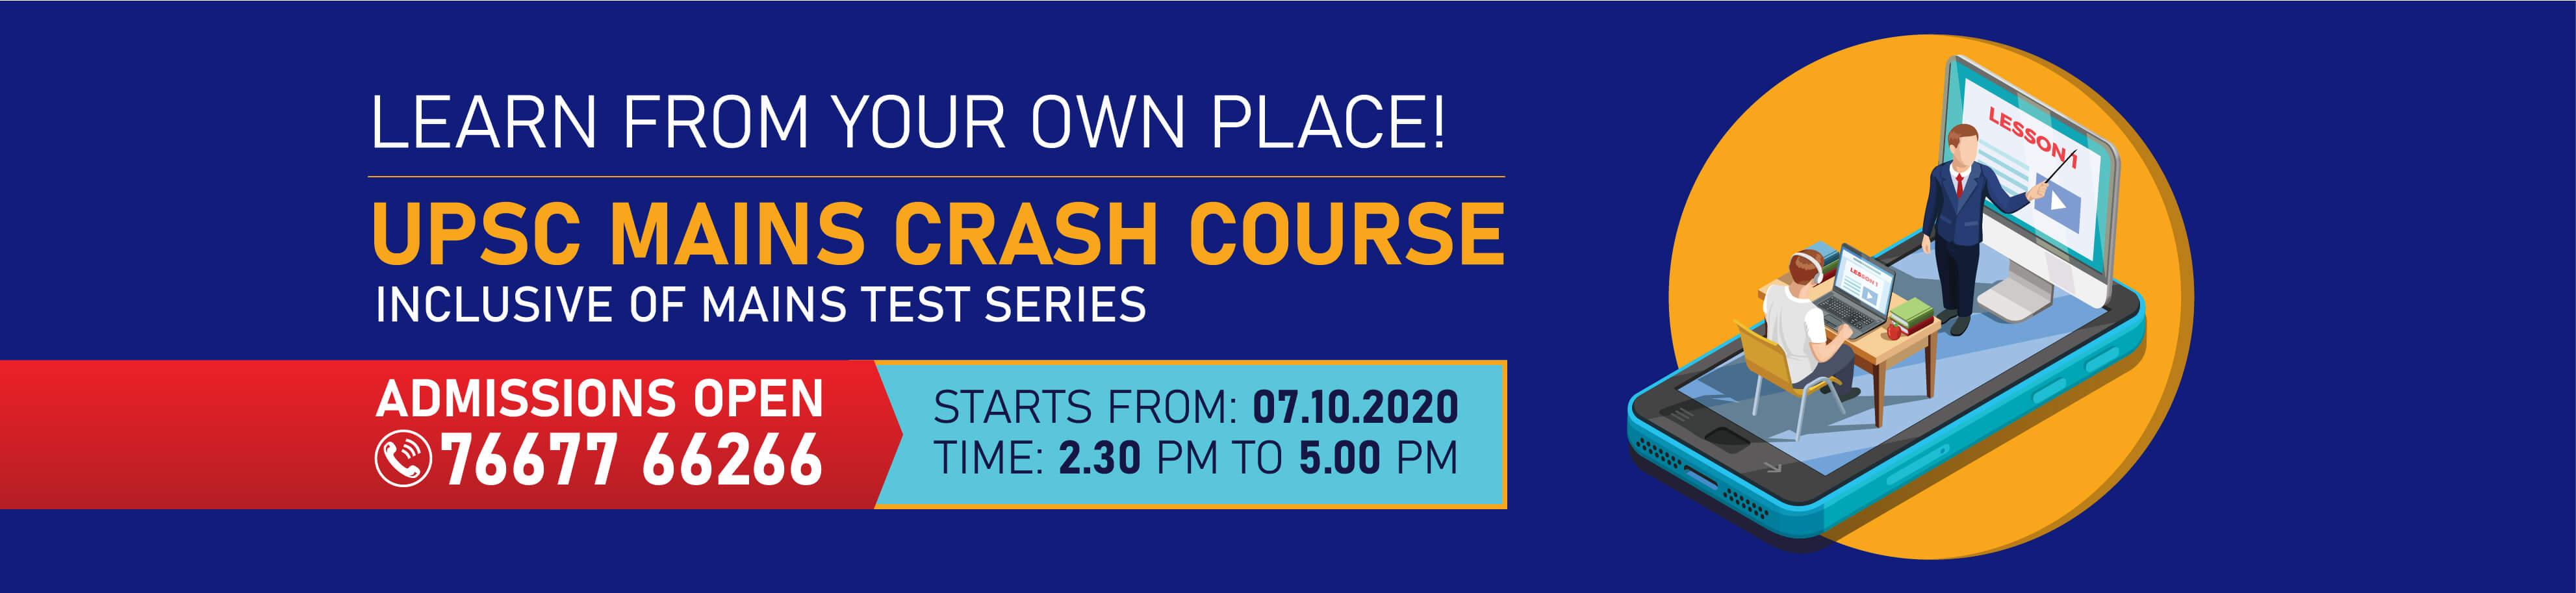 UPSC Mains Online Crash Course